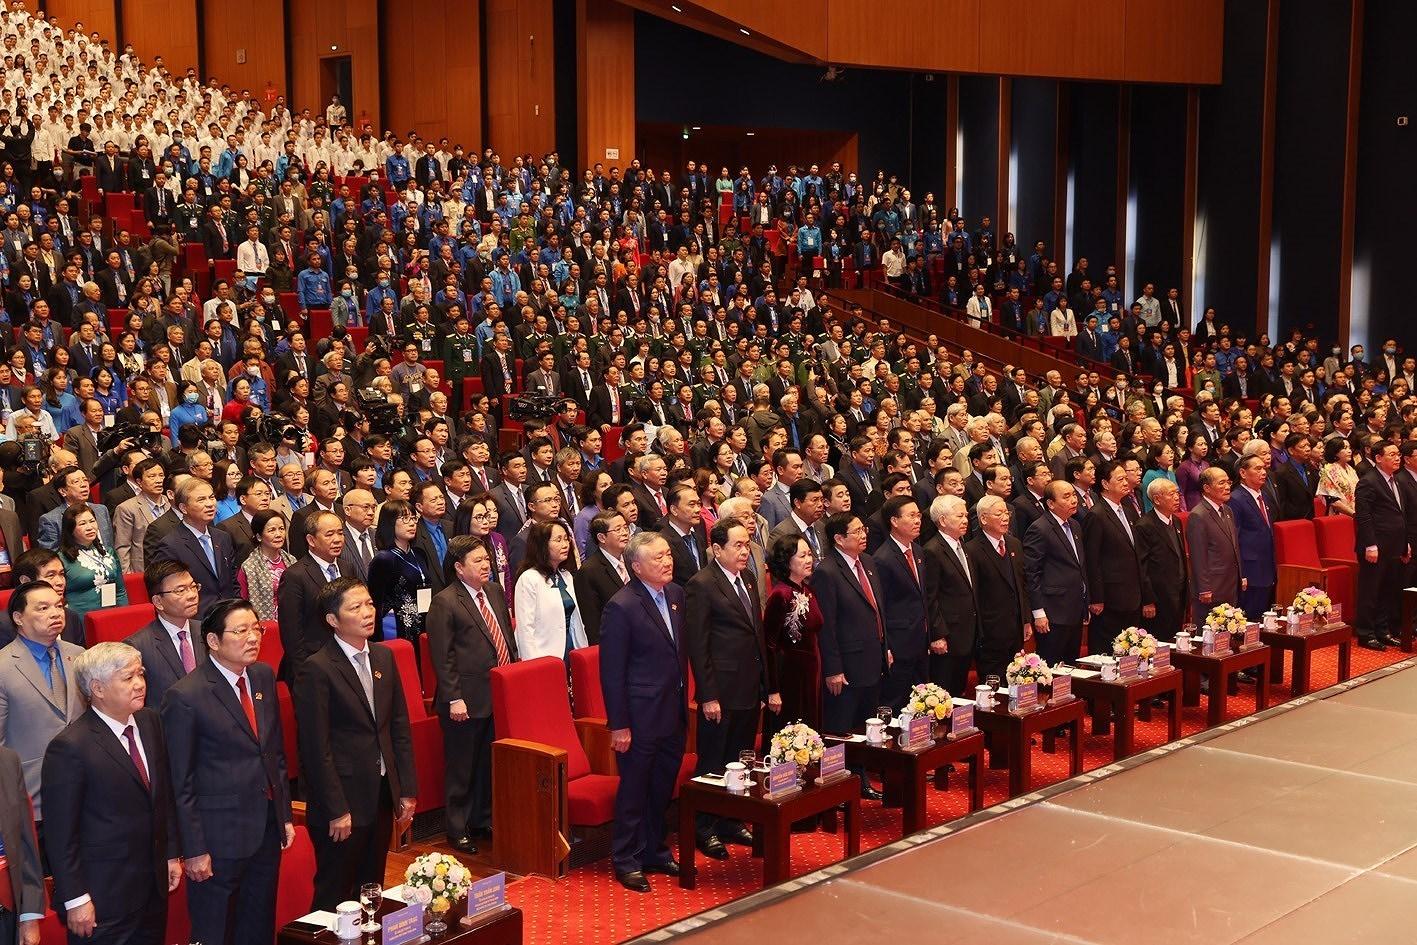 组图:胡志明共青团成立90周年纪念典礼隆重举行 hinh anh 5